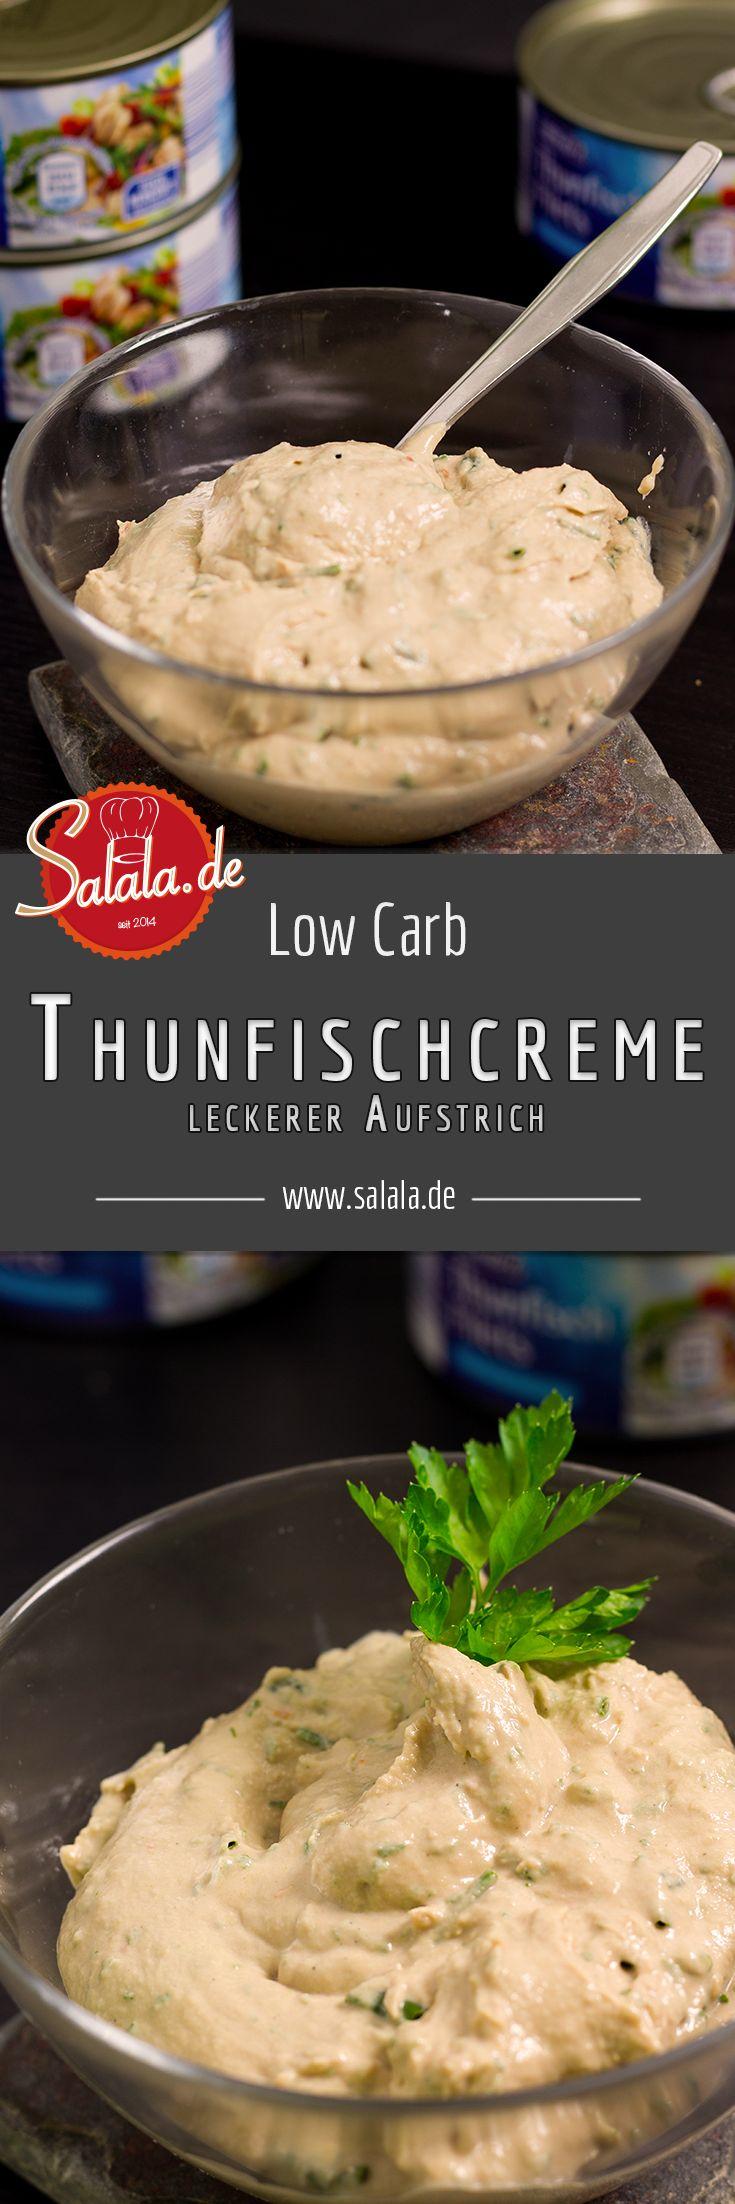 Thunfischcreme Rezepte Low Carb Brotaufstrich - by salala.de - Thunfisch Brotaufstrich einfach selber machen ketogen Proteinbombe Frühstück Tuna Spread